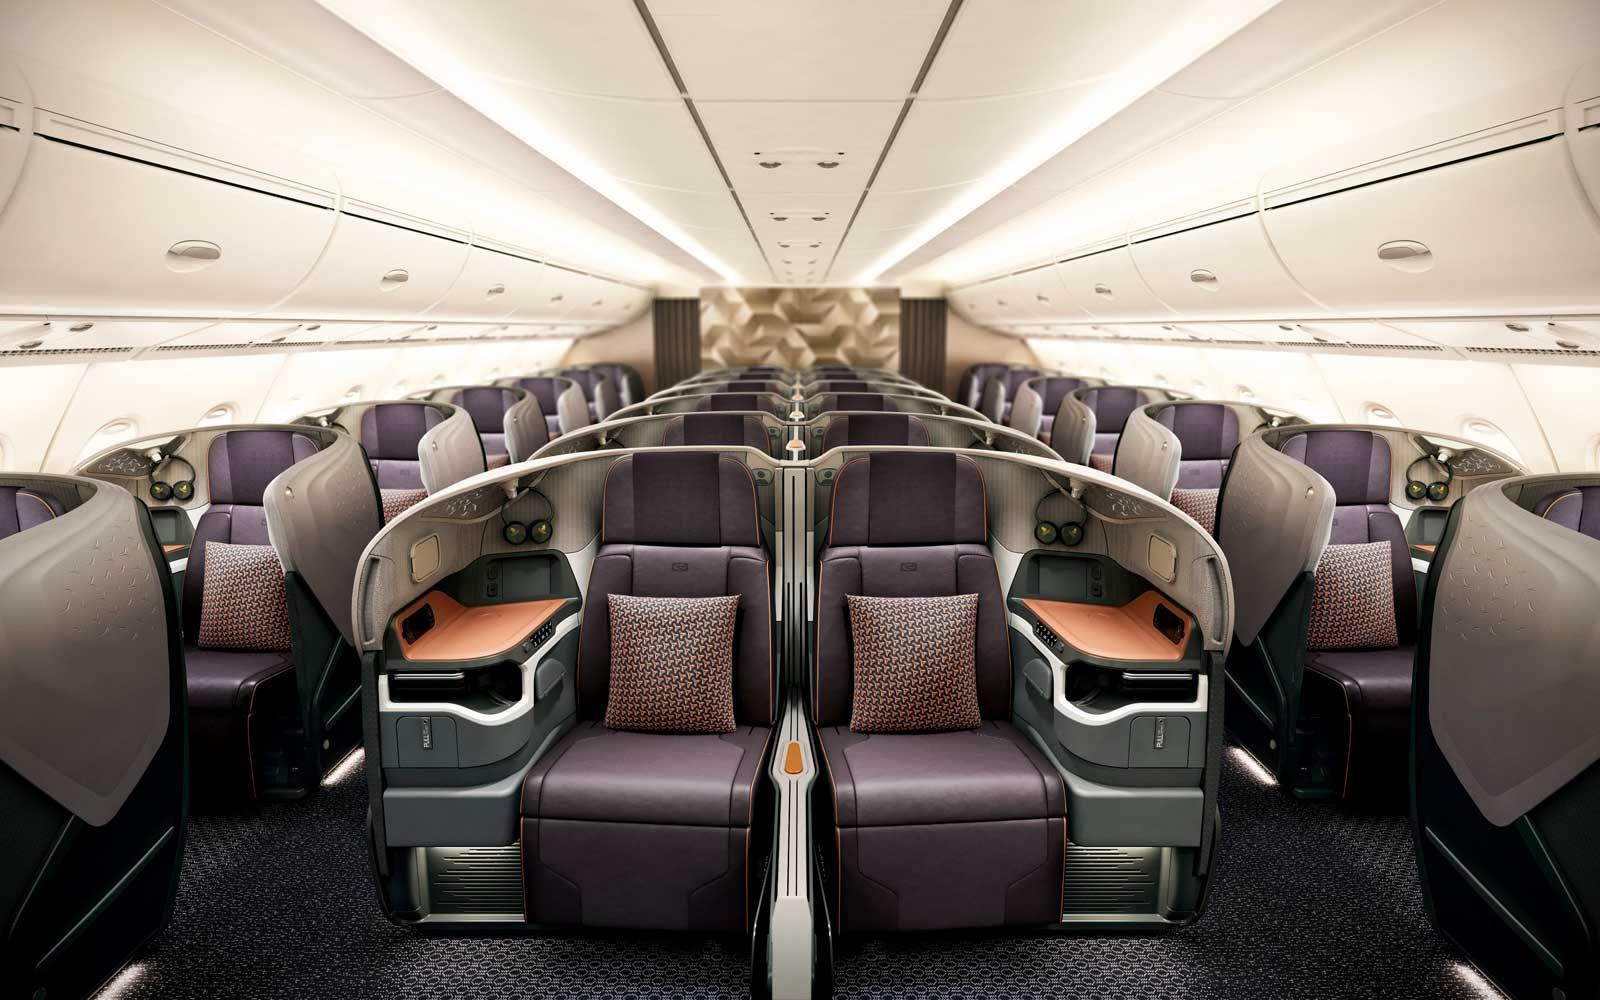 Best International Airlines World's Best 2019